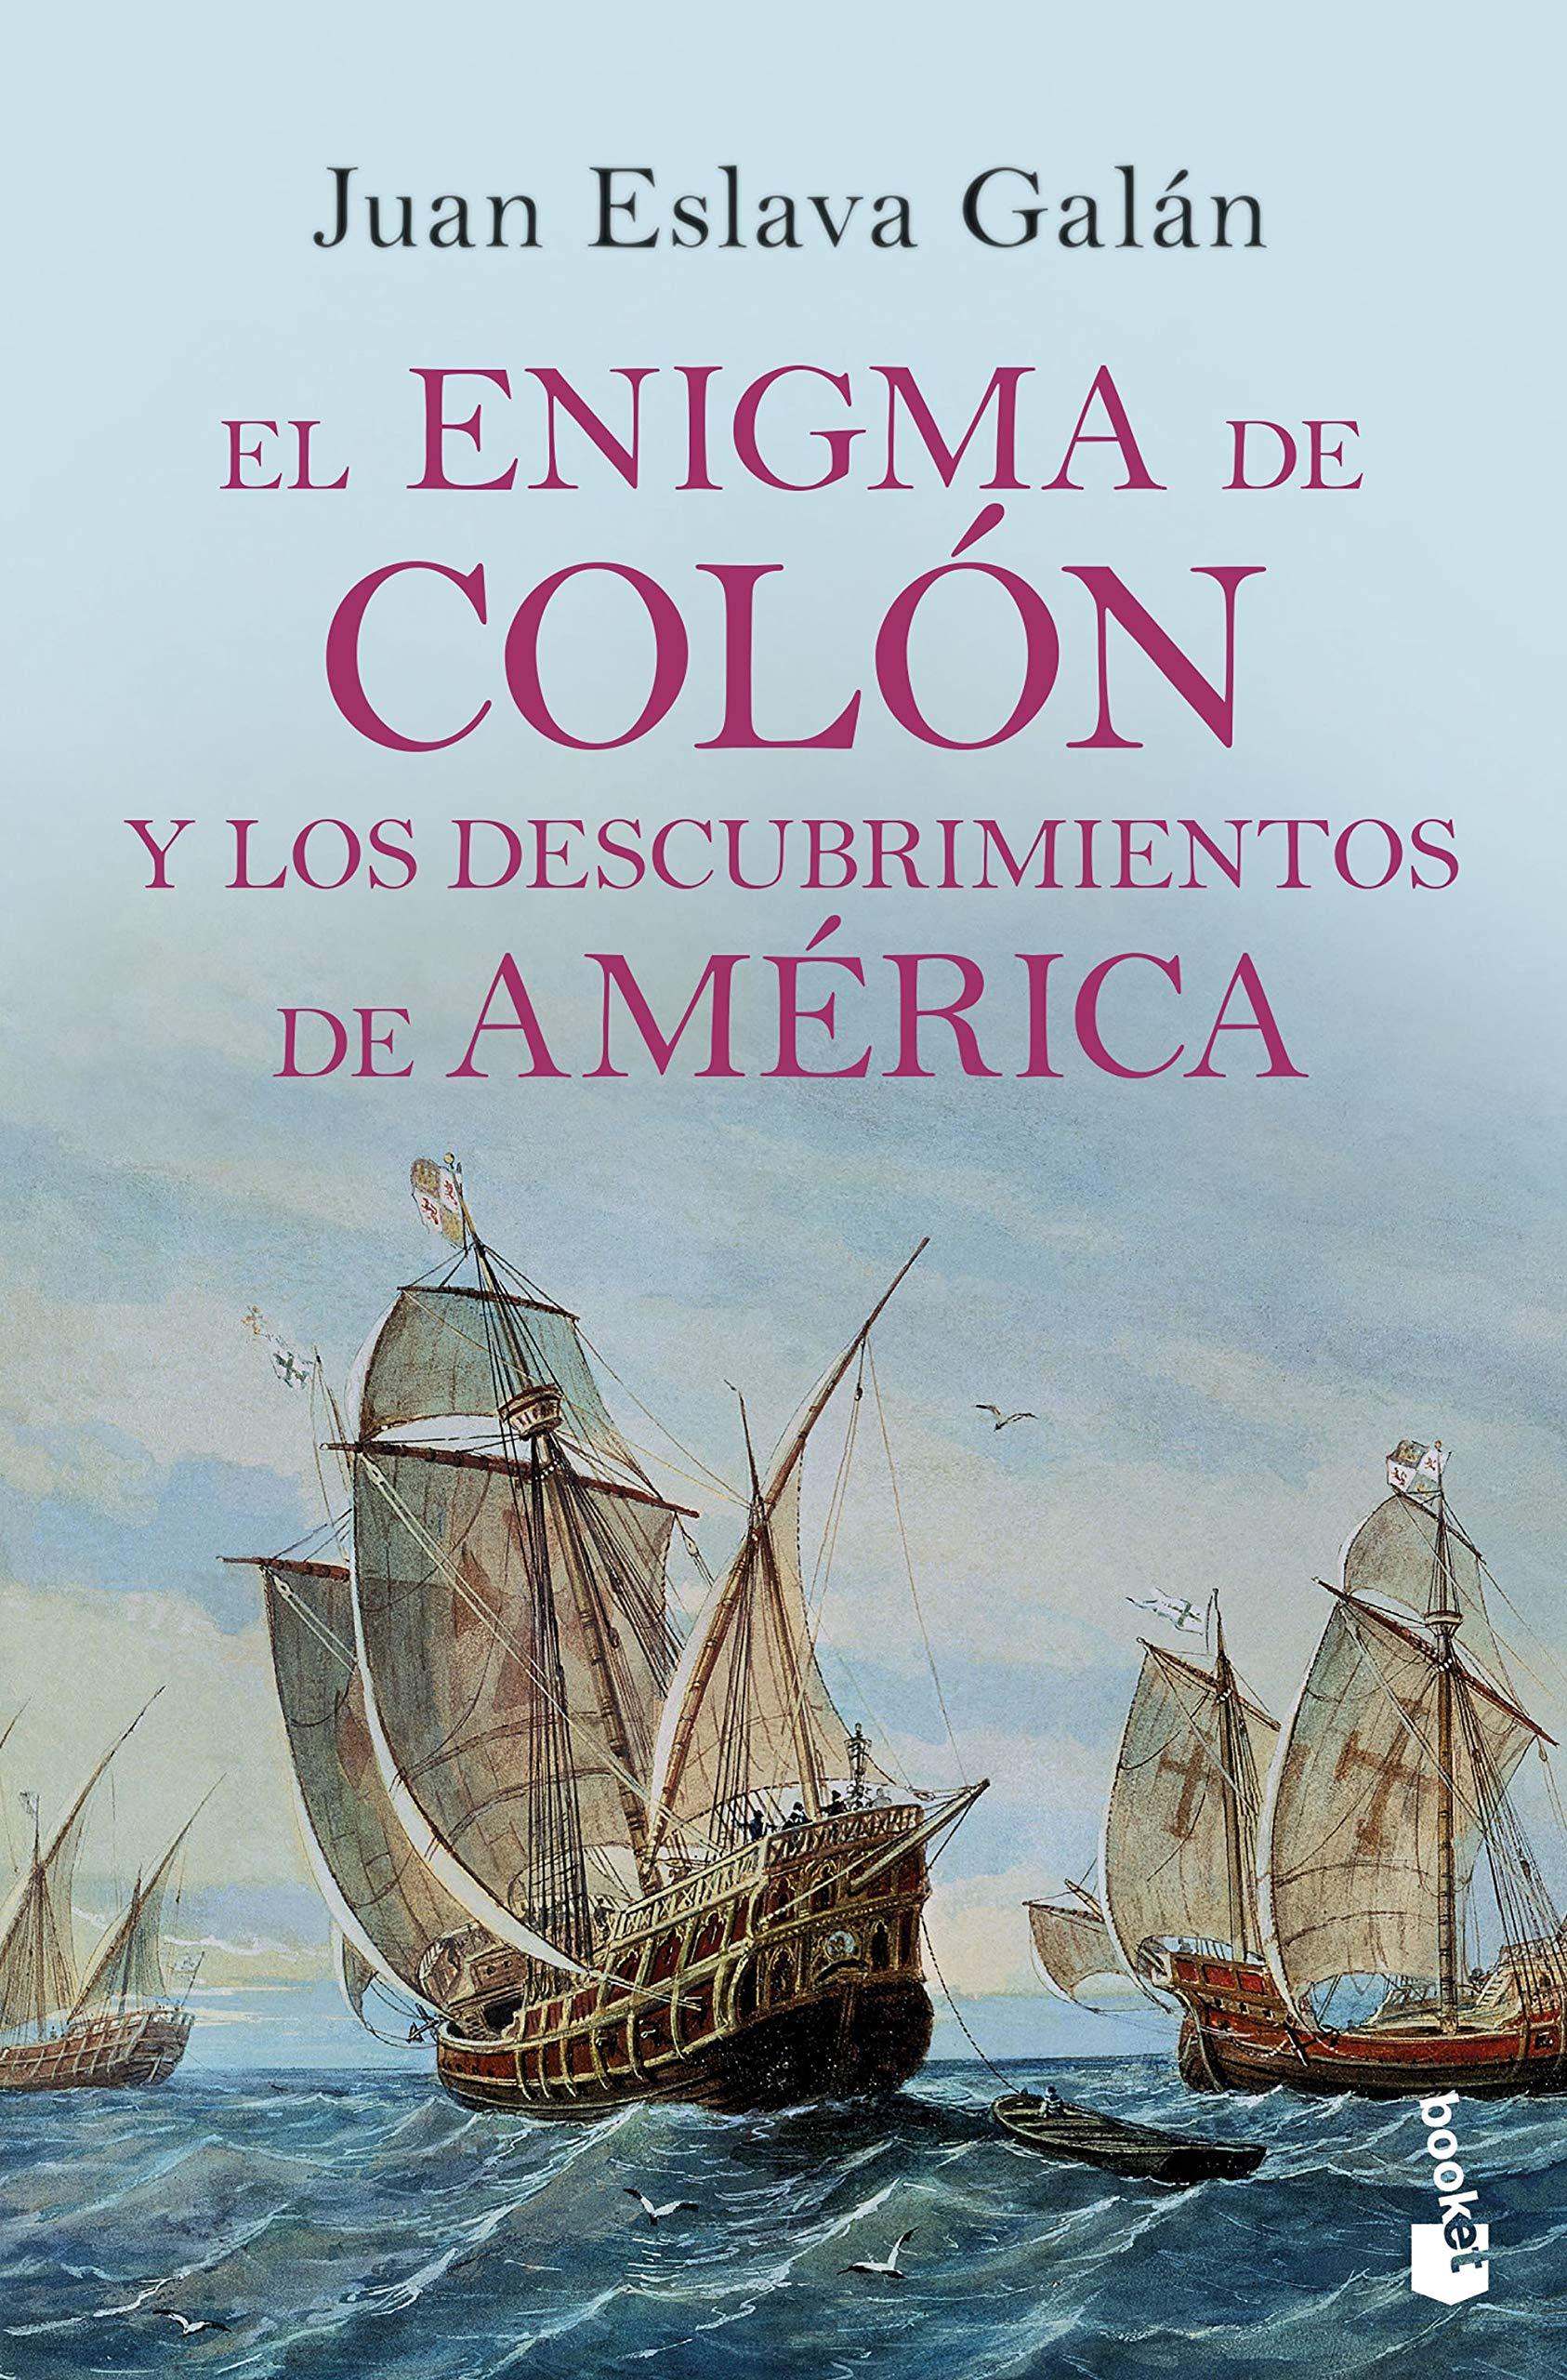 El enigma de Colón y los descubrimientos de América Divulgación: Amazon.es: Eslava Galán, Juan: Libros